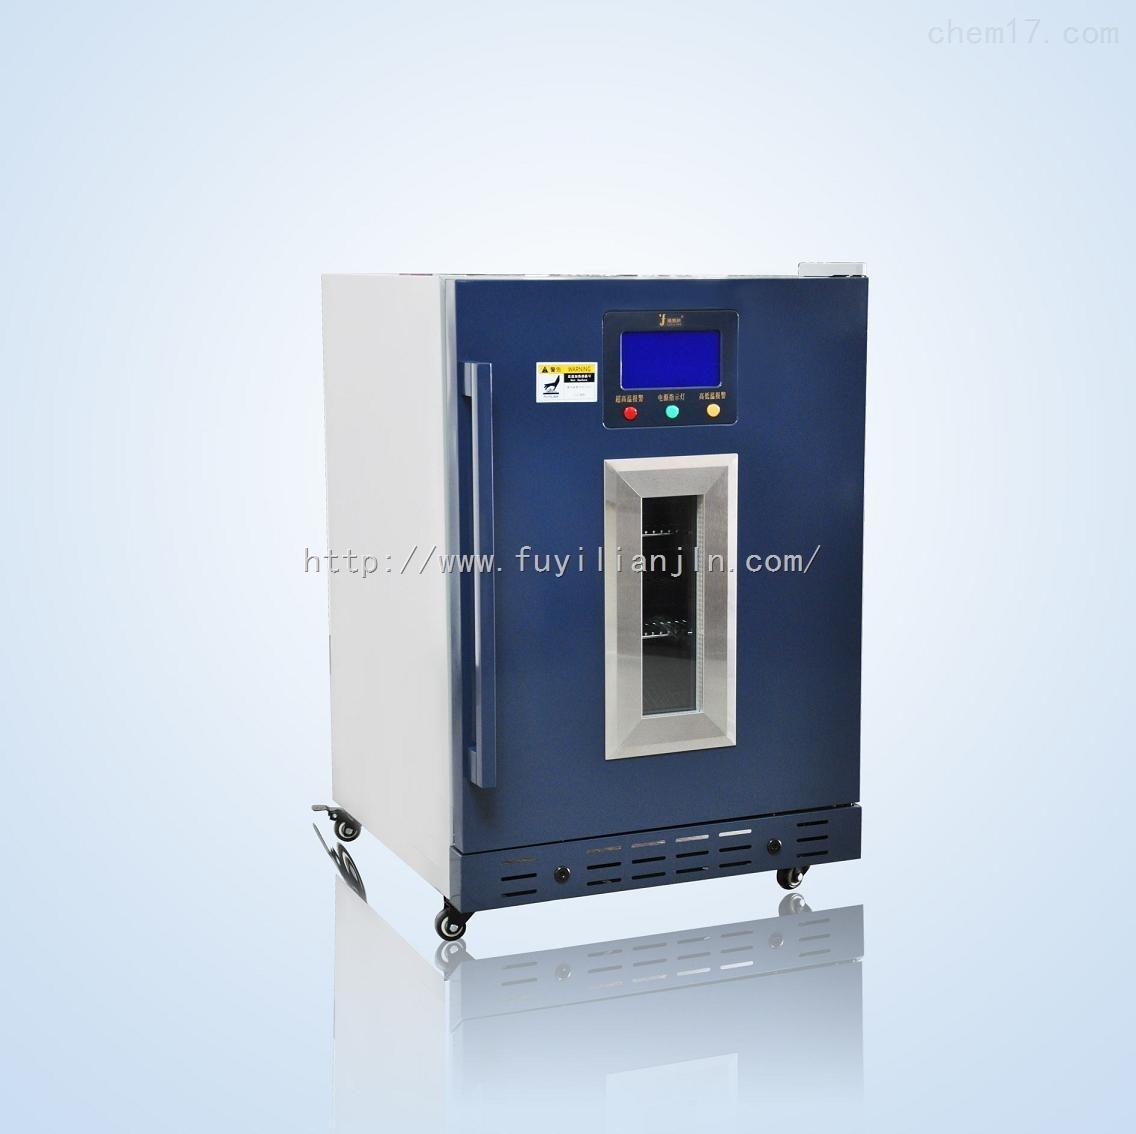 液体加温柜FYL-YS-151L